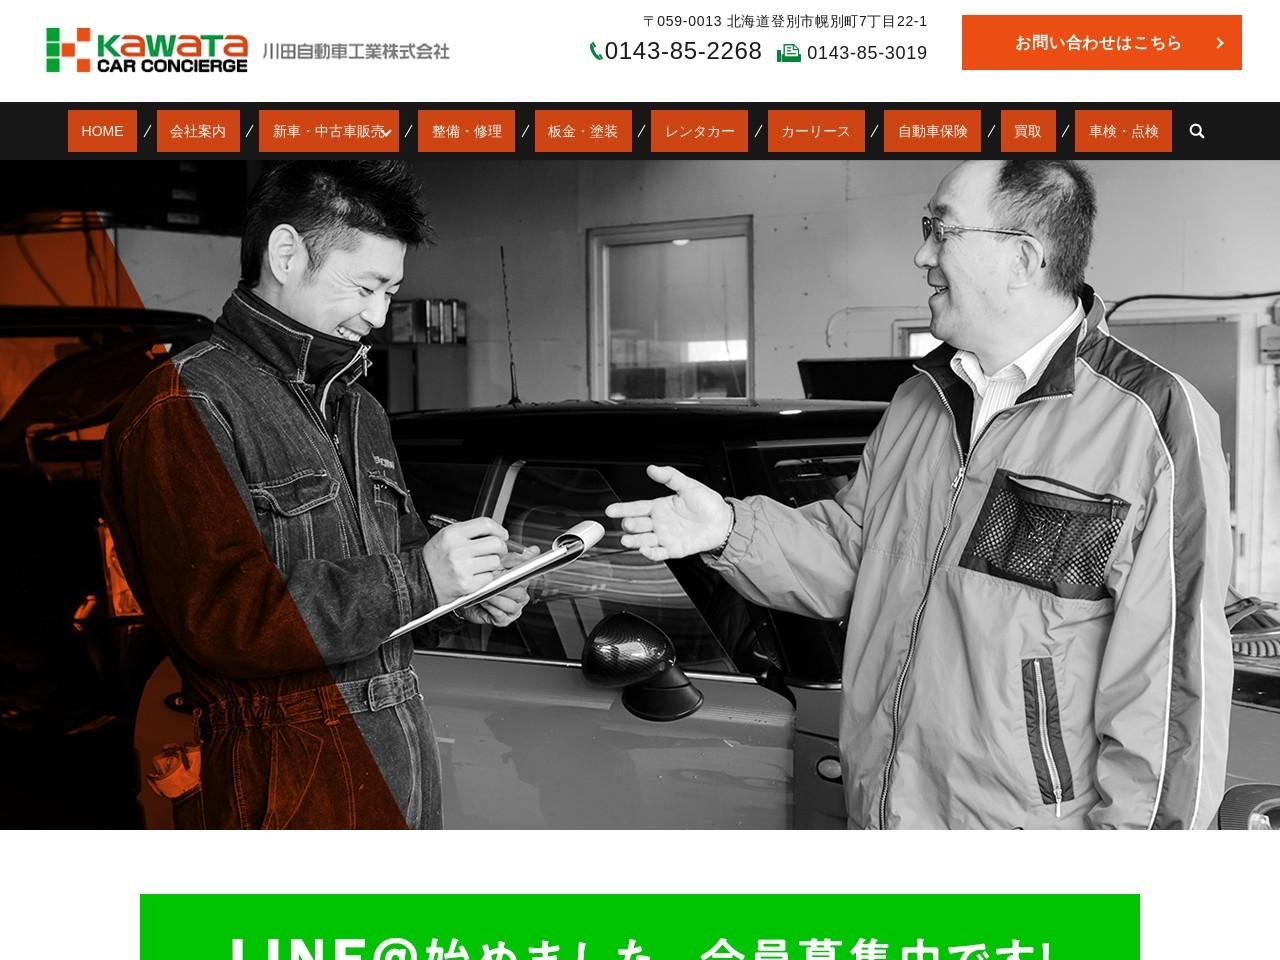 川田自動車工業株式会社